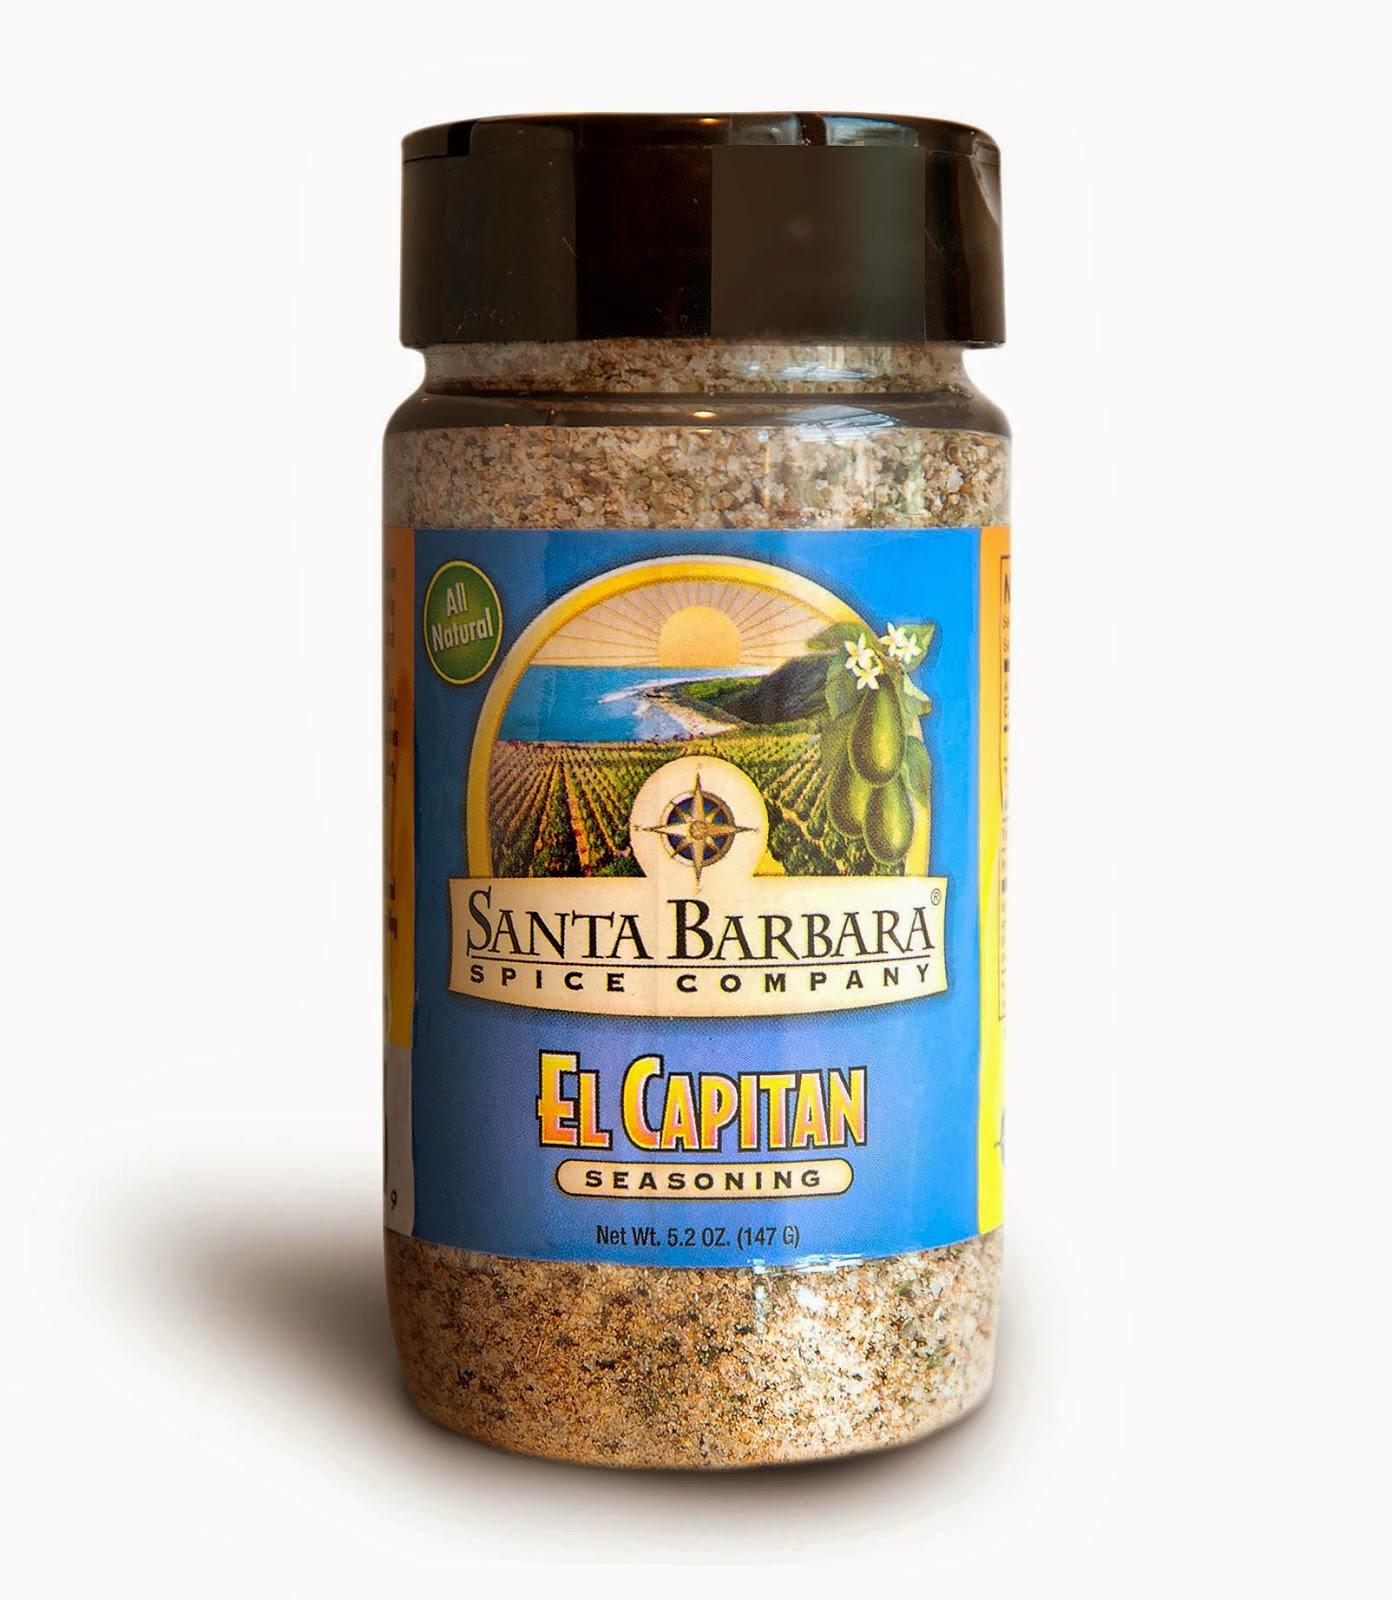 Santa Barbara Spice Company